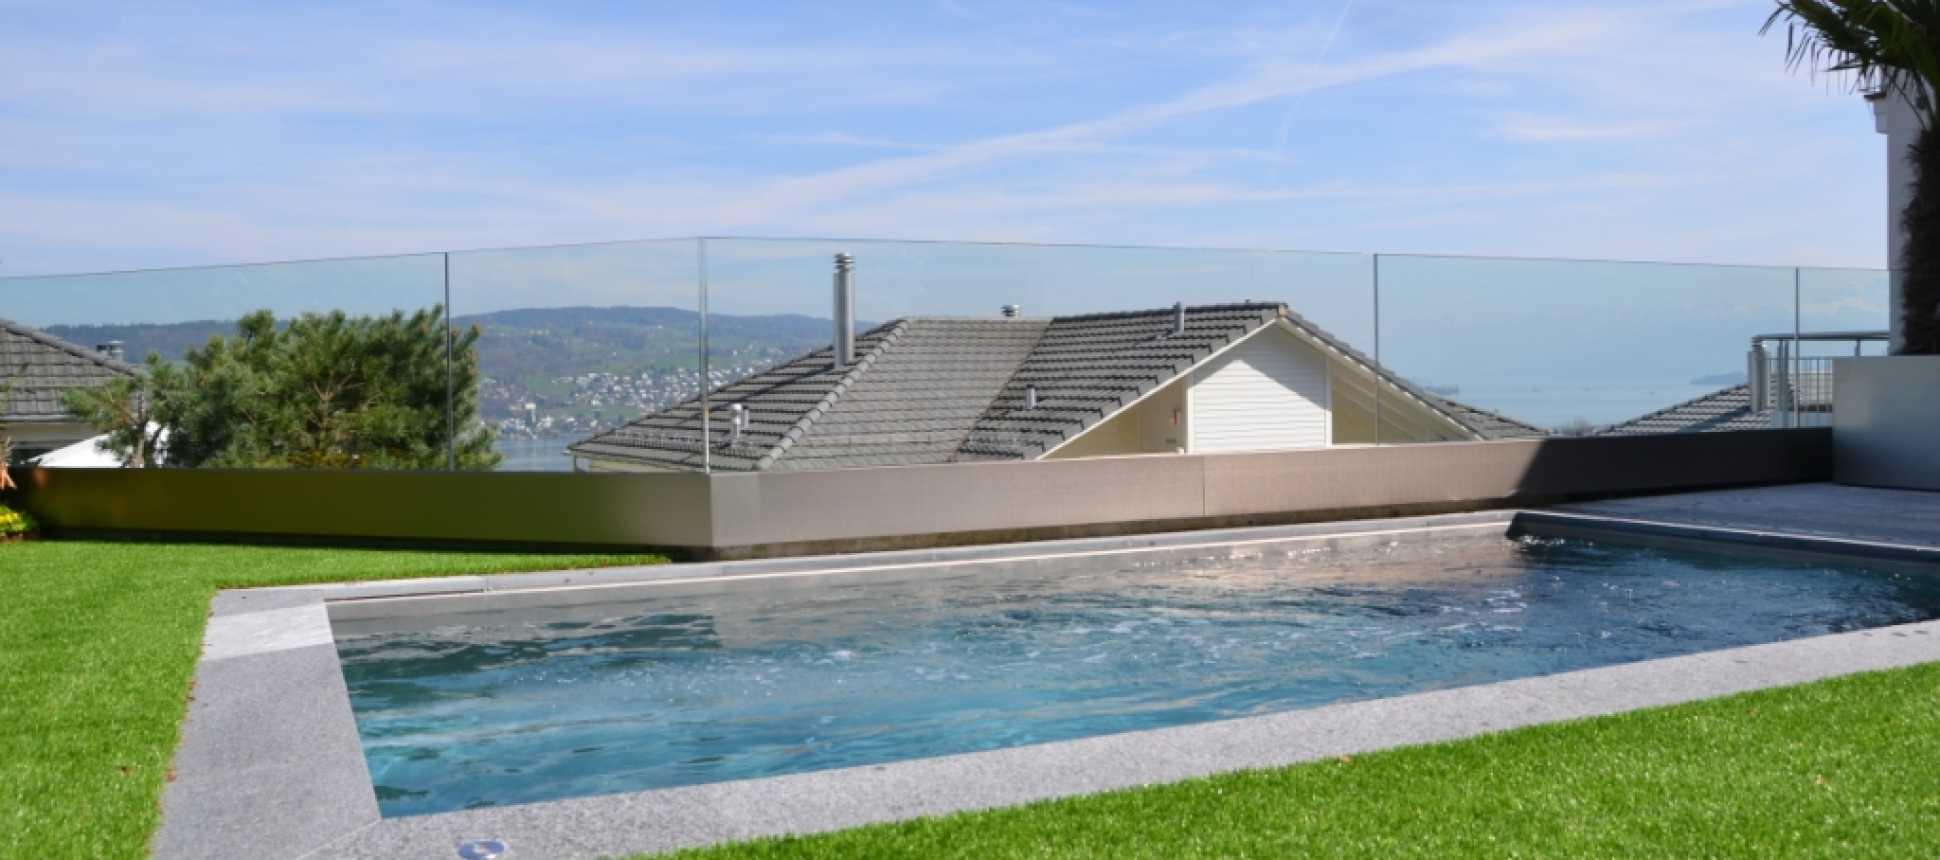 Terramare Pool